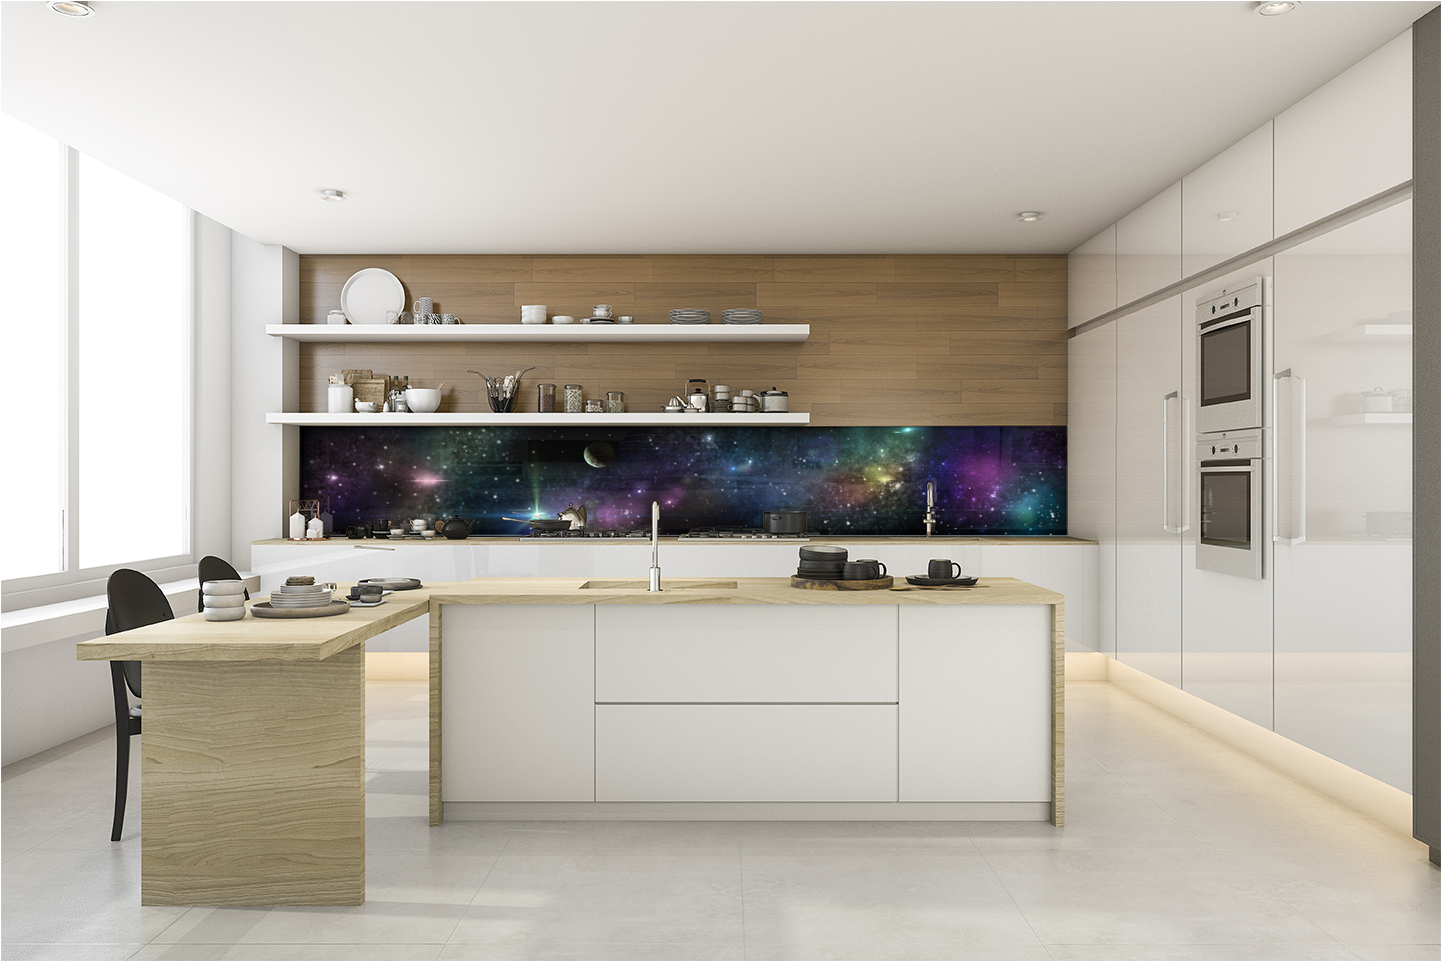 KÜCHENRÜCKWAND Spritzschutz Küche Gehärtetes Glas Weltraum Farben Planeten